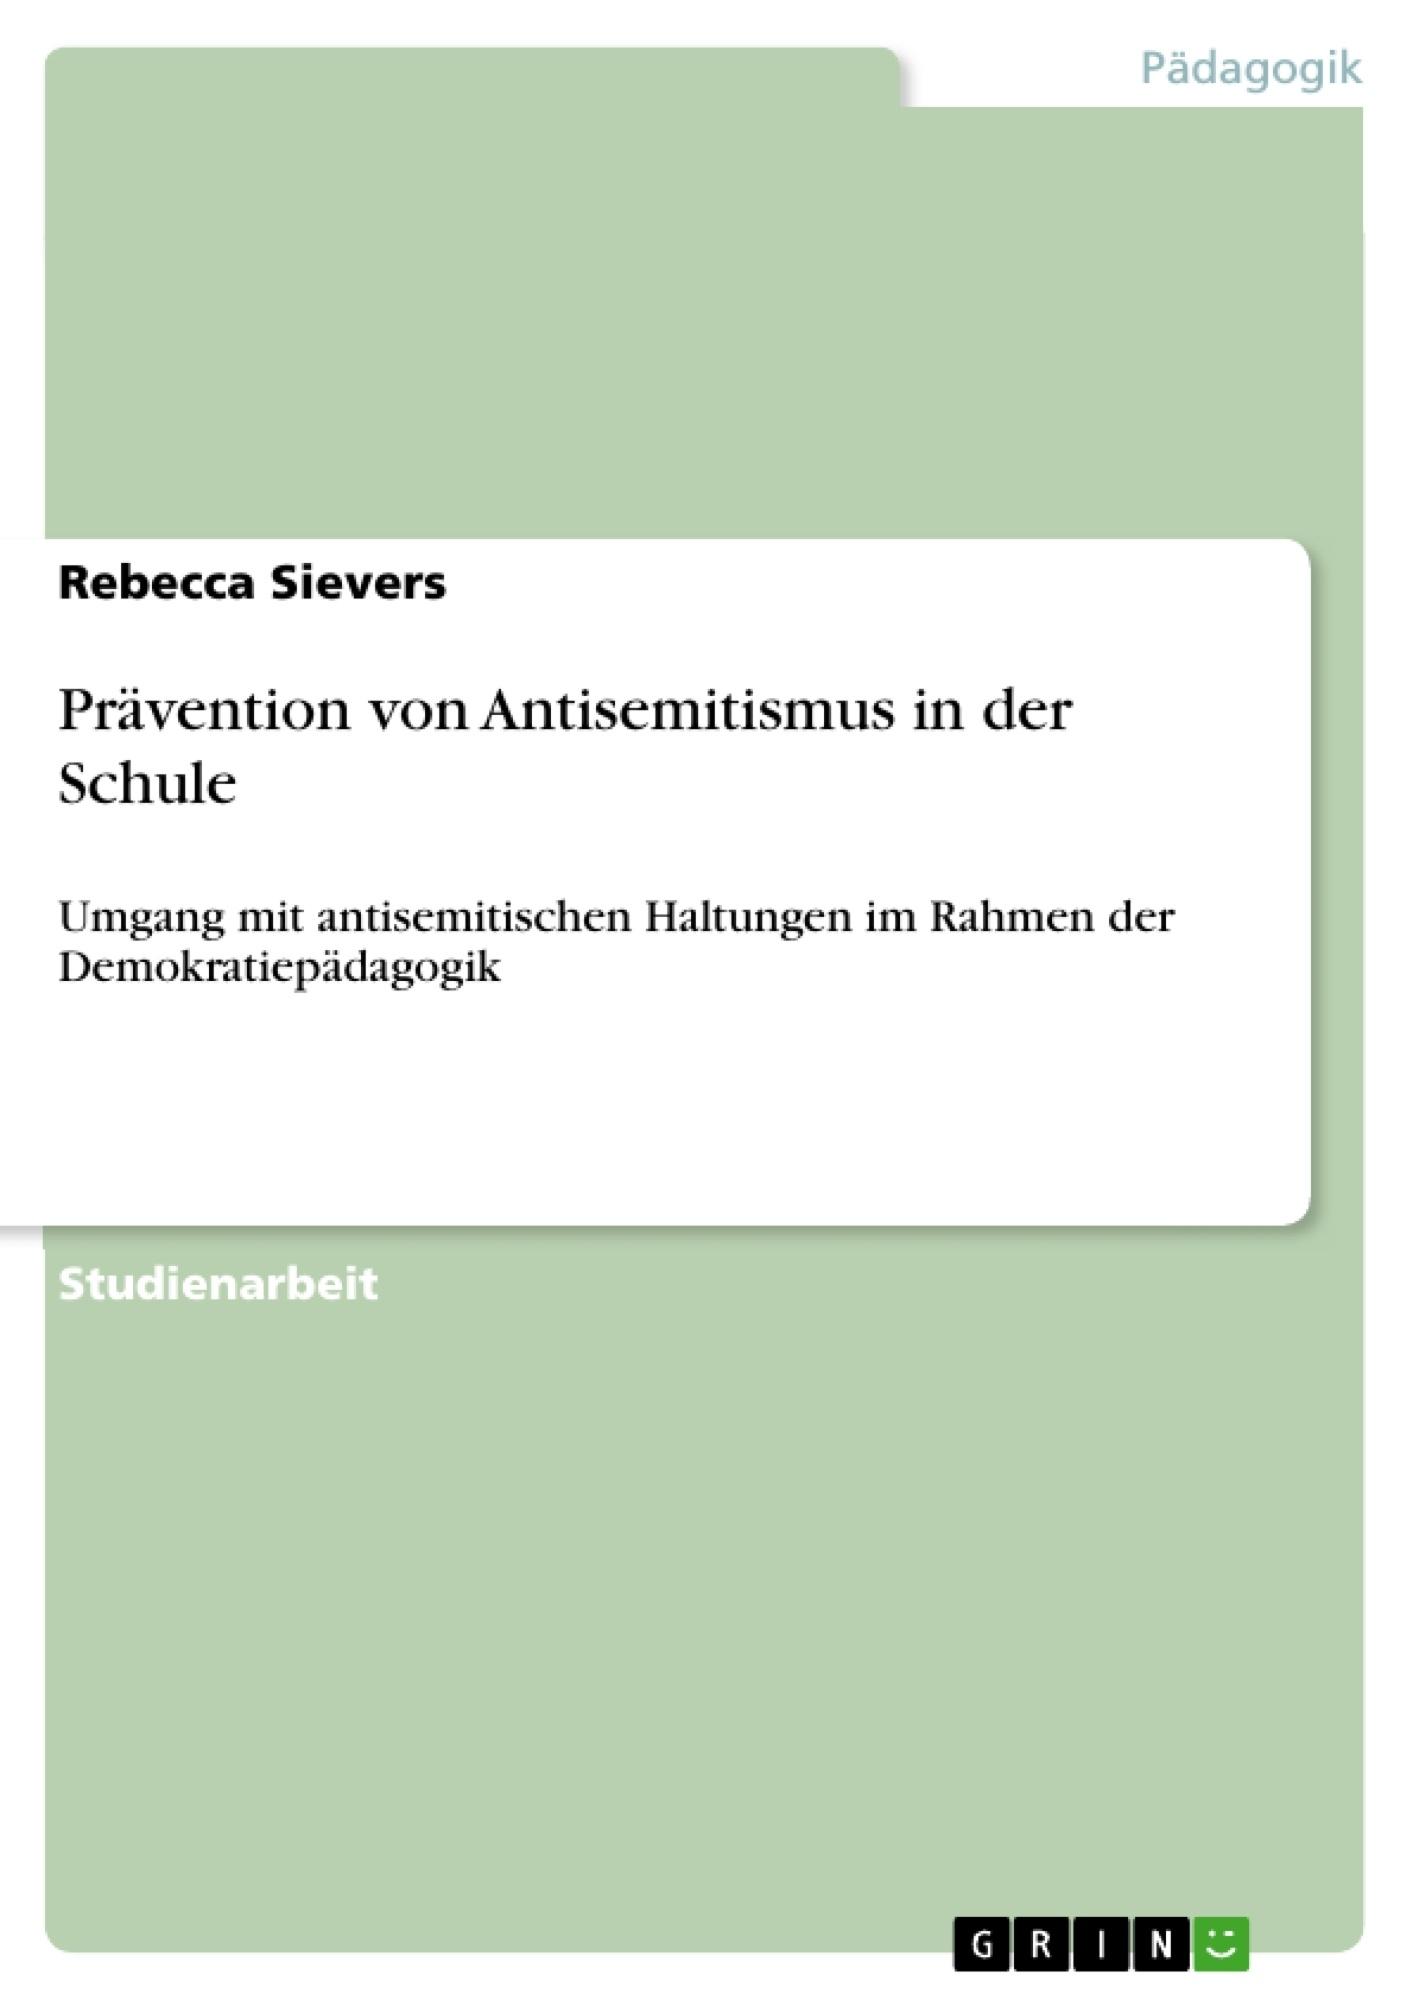 Titel: Prävention von Antisemitismus in der Schule